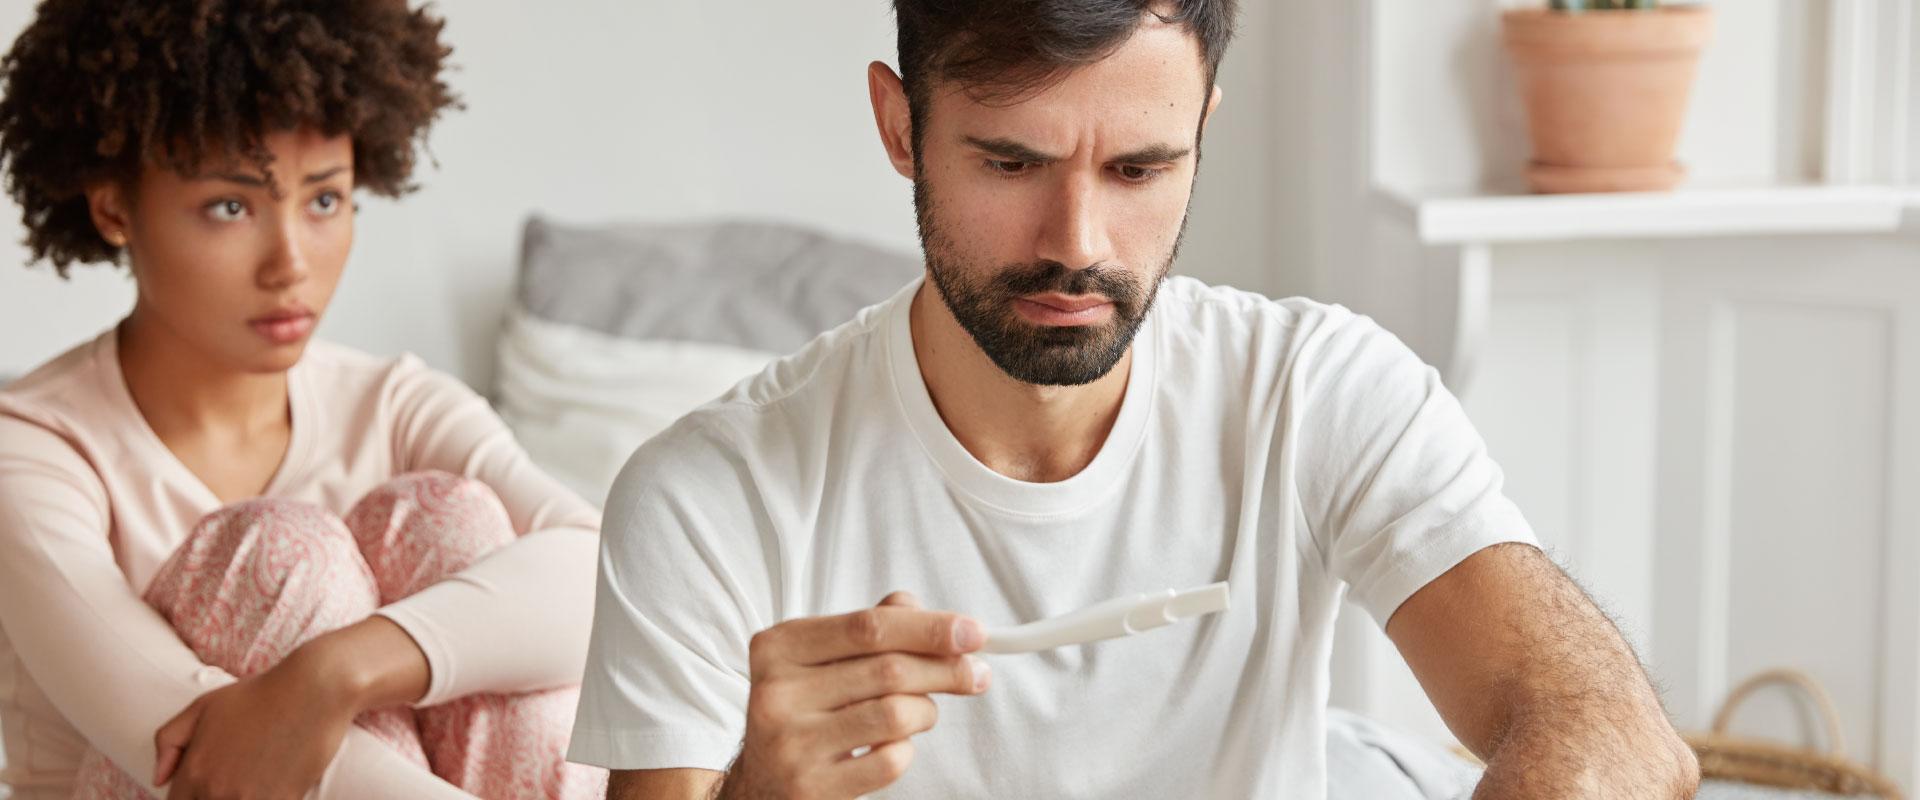 11 principais causas de infertilidade feminina e masculina